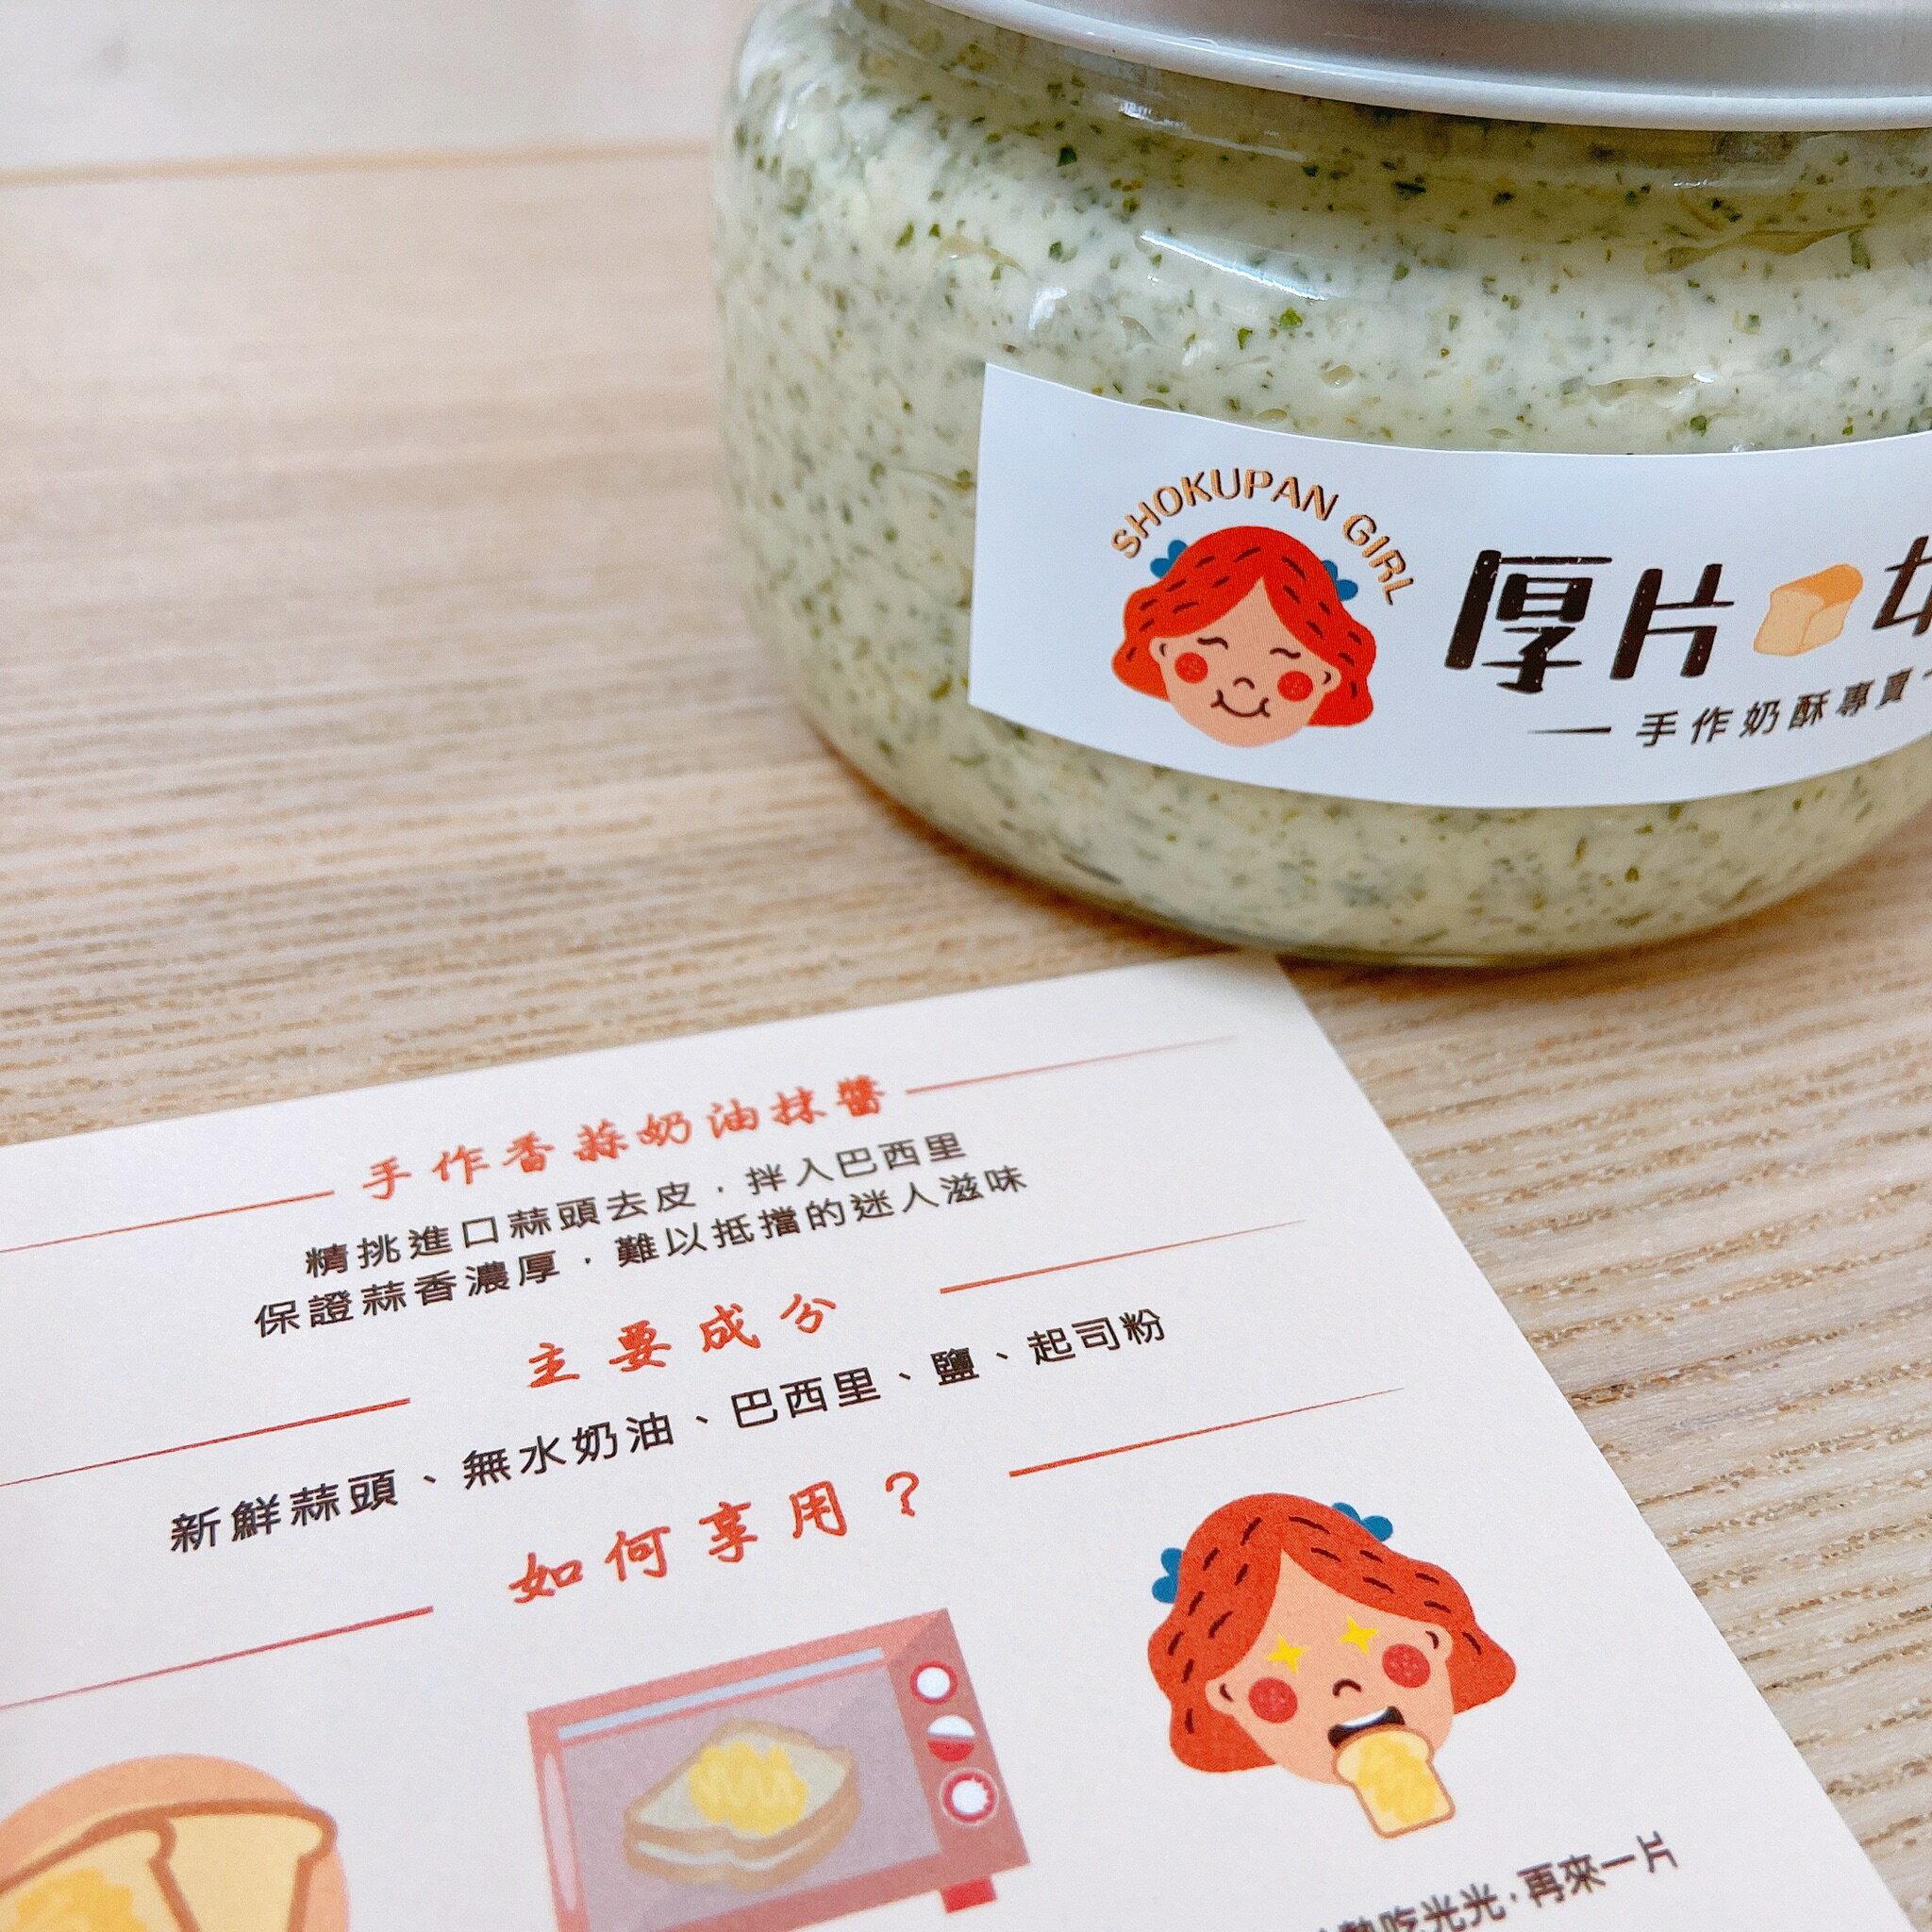 【全館$499免運】厚片女孩┃ 香蒜奶油抹醬 ┃(大430G5%)